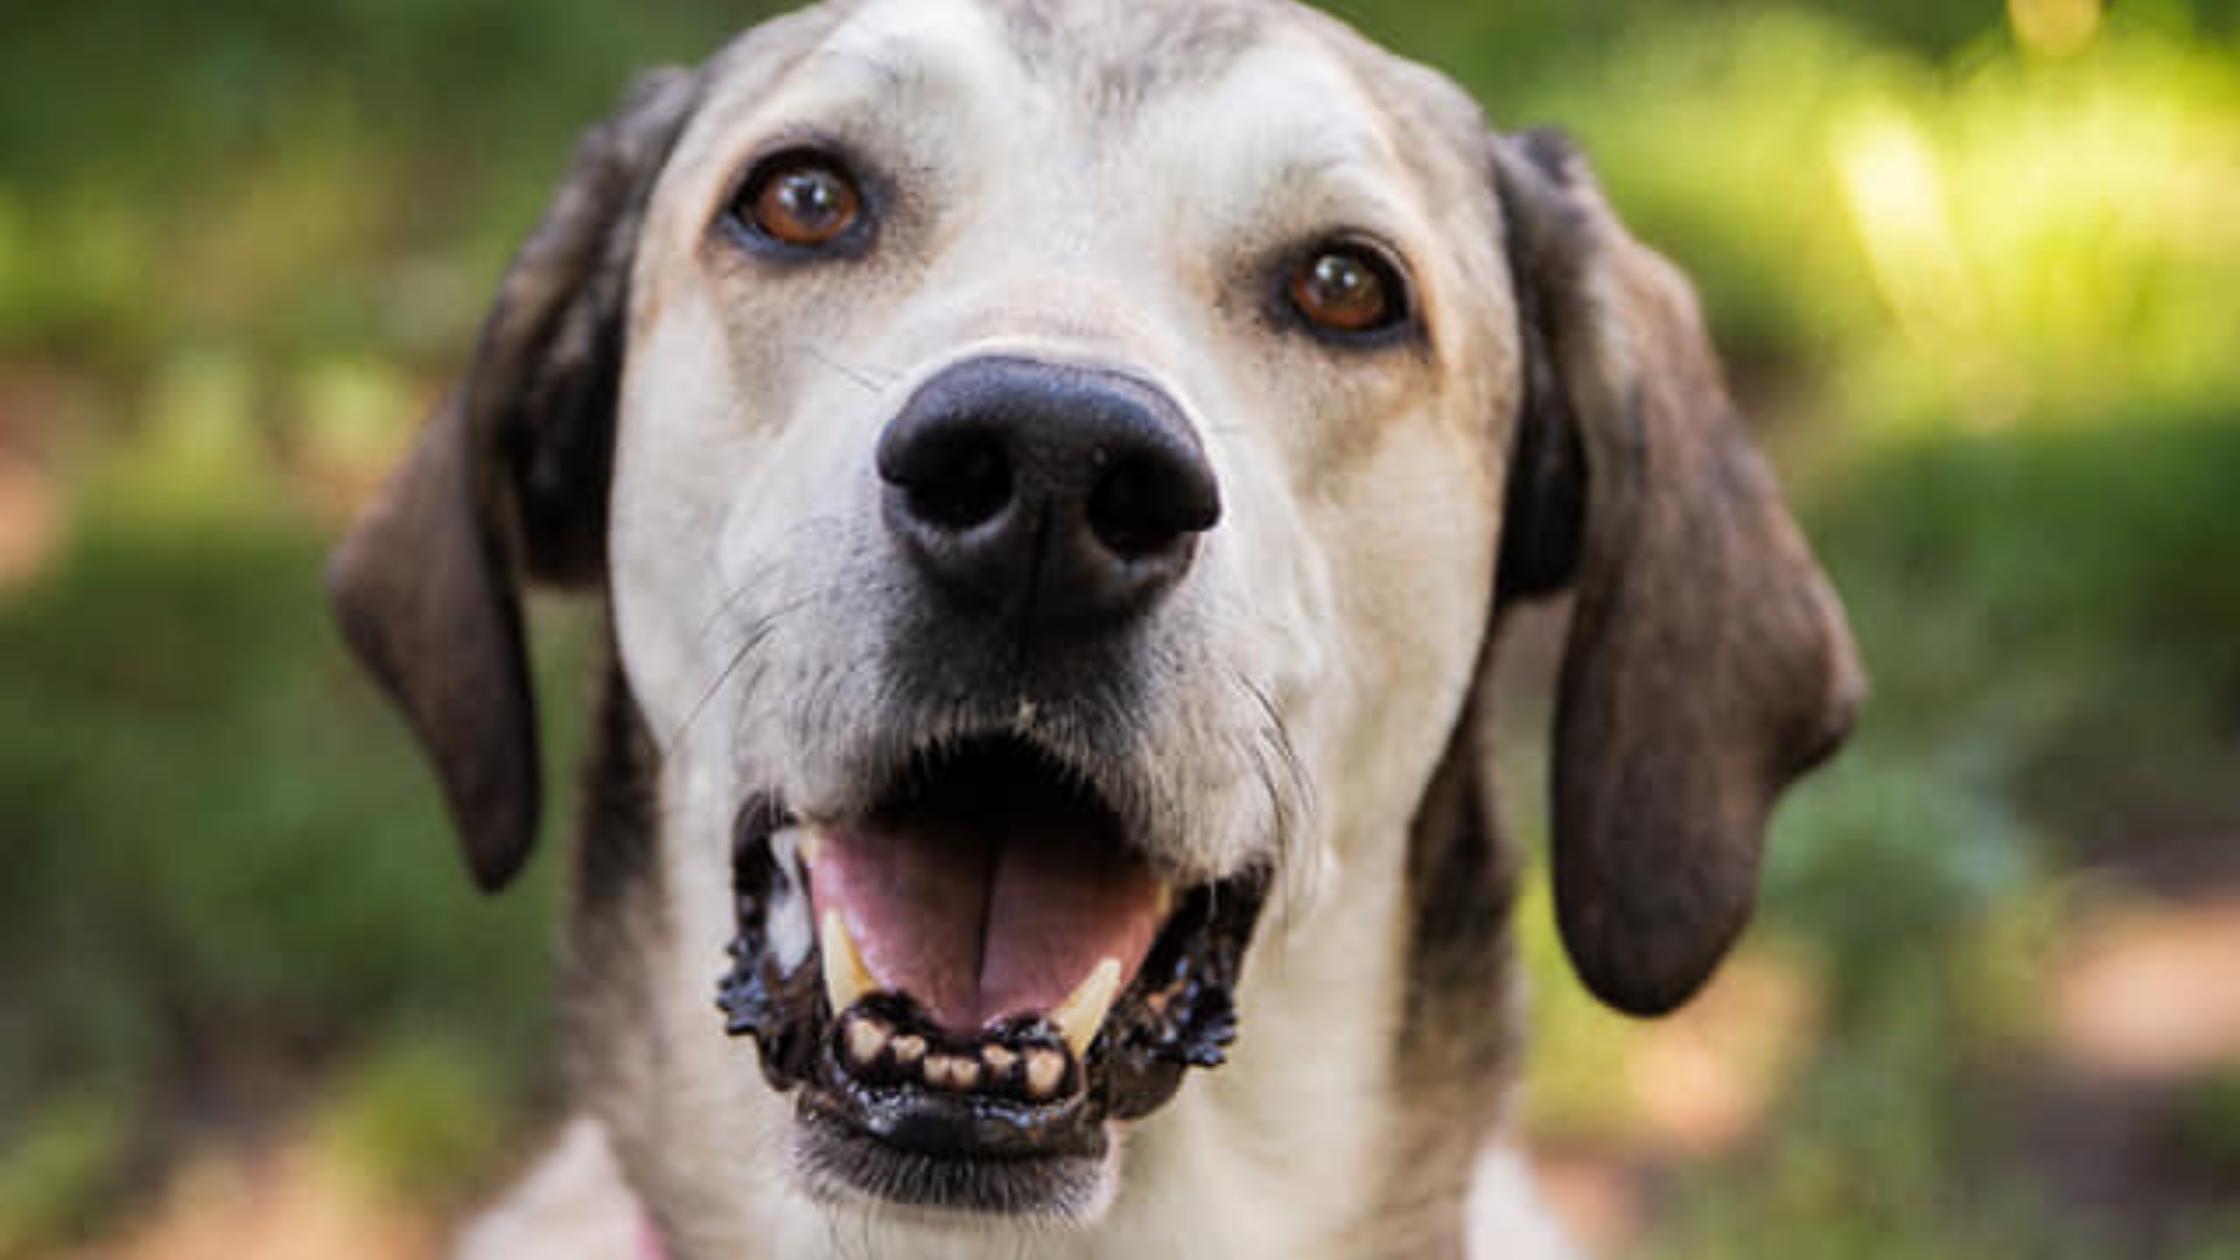 a dog smiling at the camera